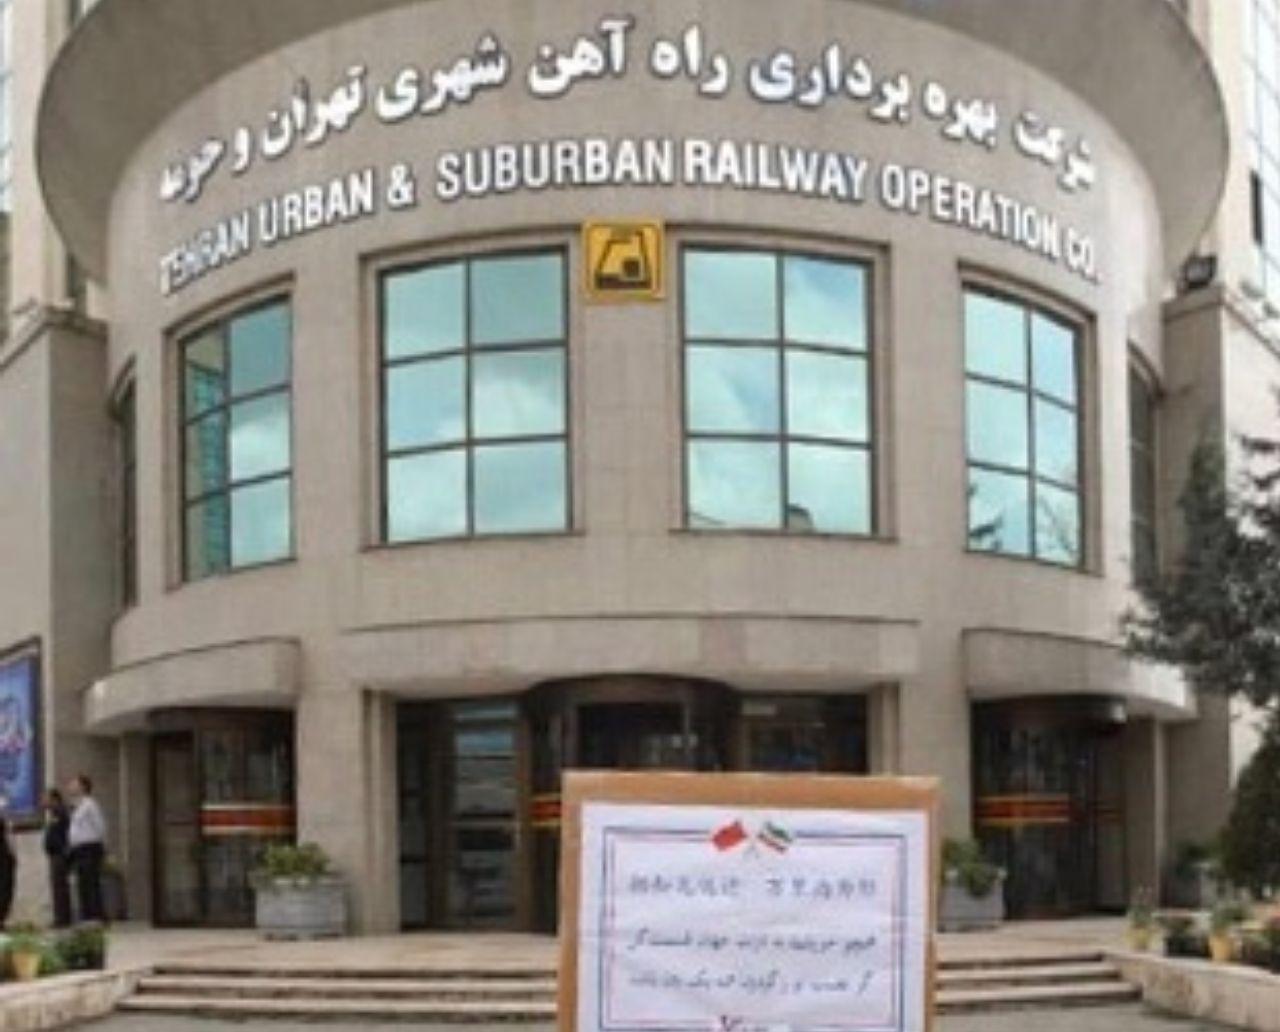 اهداء سه هزار ماسک به شرکت بهره برداری متروی تهران توسط یک شرکت چینی